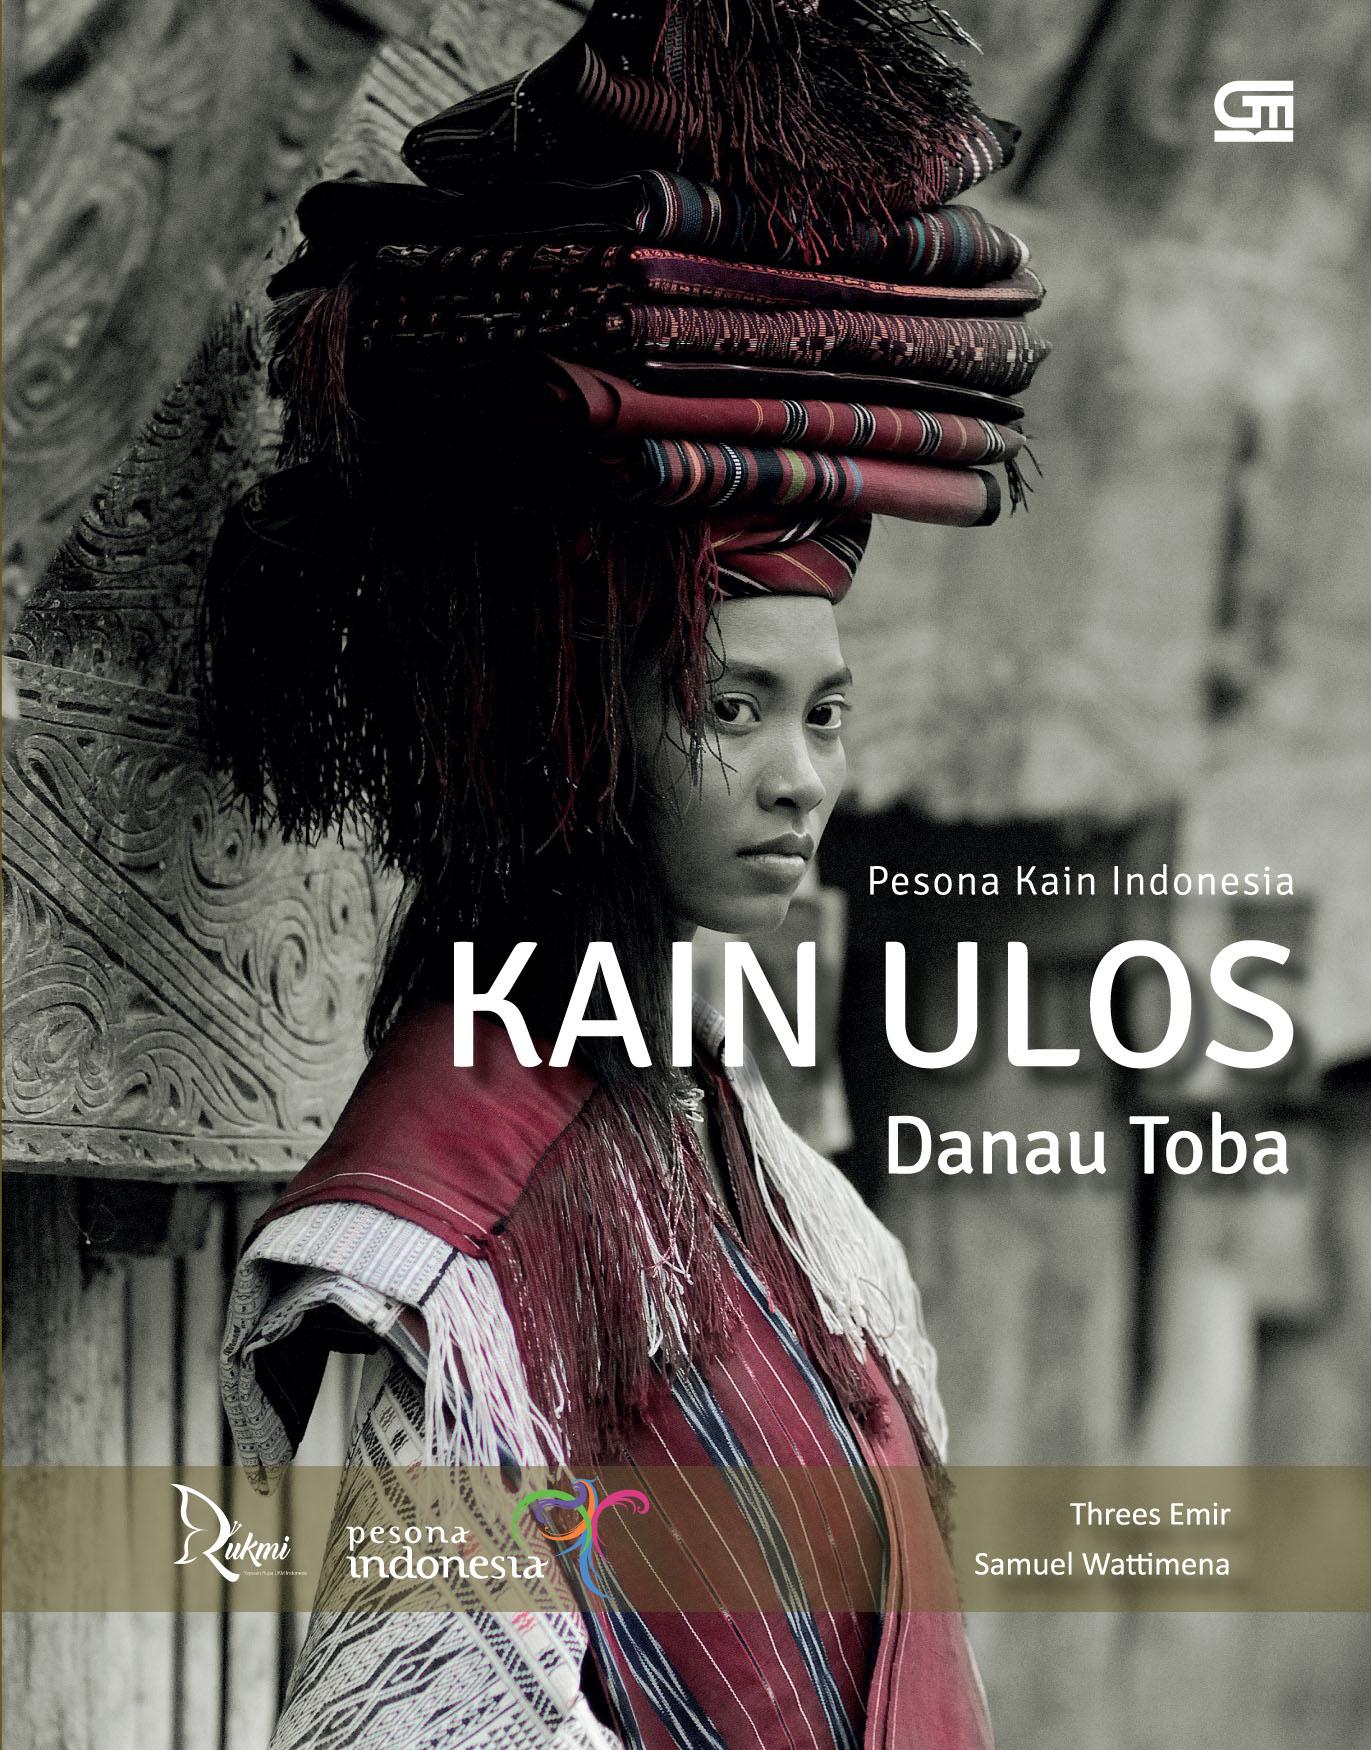 Pesona Kain Indonesia: Kain Ulos Danau Toba